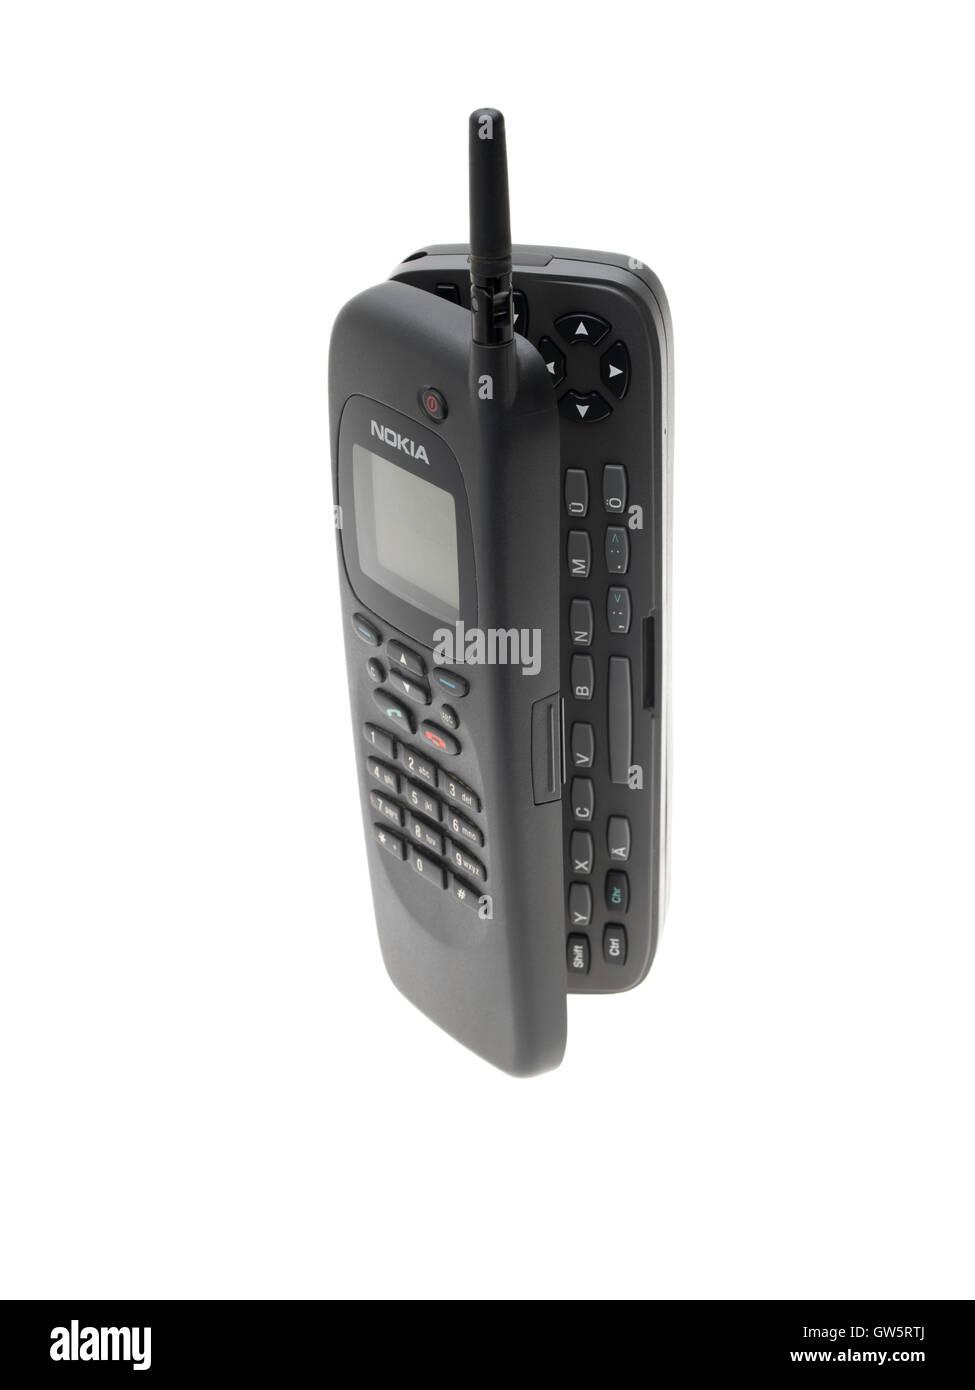 Nokia 9000 RAE-1N Communicator Phone aus Finnland 1996 eingeführt. erstes Smartphone auf dem Markt Stockbild